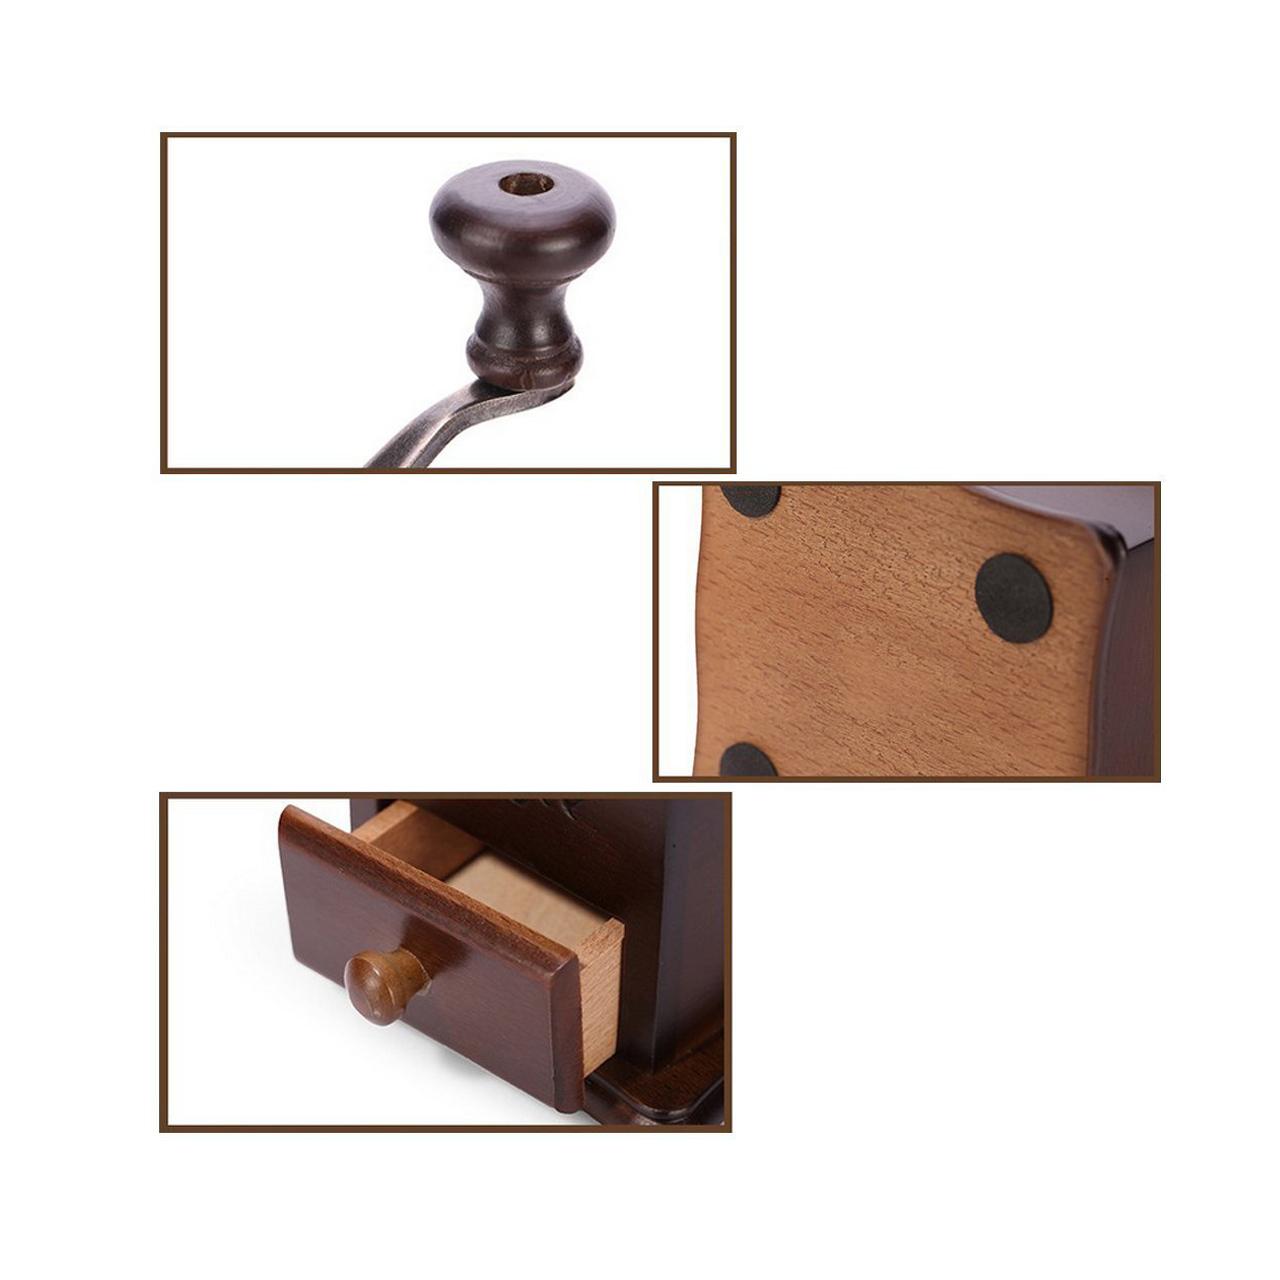 آسیاب قهوه دستی مدل چوبی